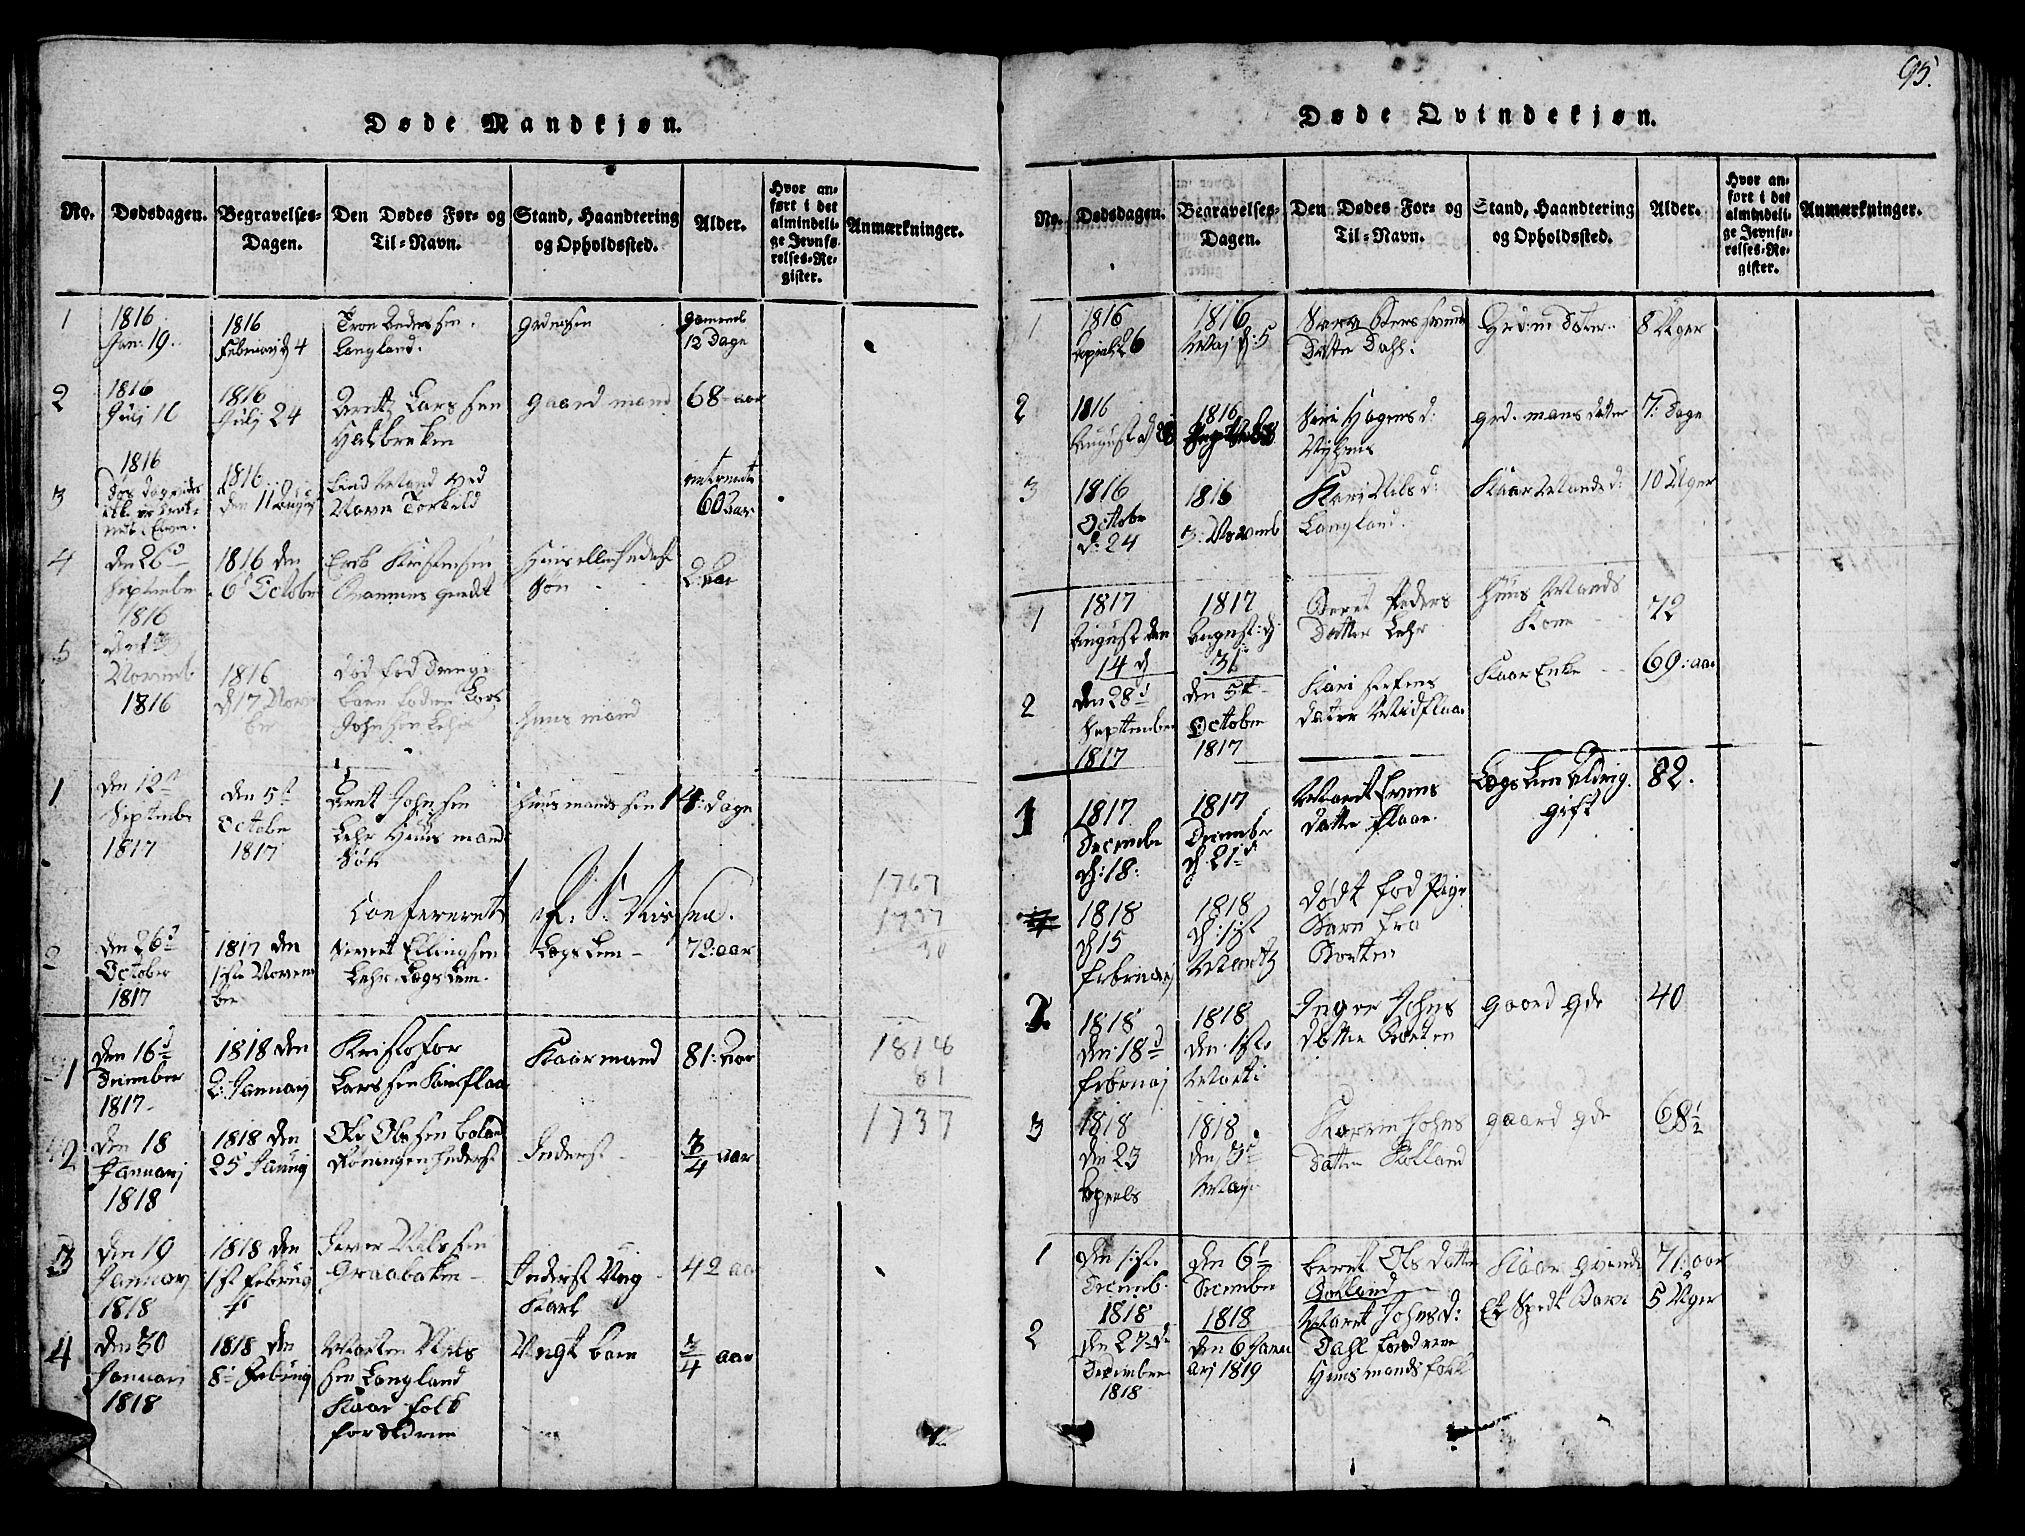 SAT, Ministerialprotokoller, klokkerbøker og fødselsregistre - Sør-Trøndelag, 693/L1121: Klokkerbok nr. 693C02, 1816-1869, s. 95